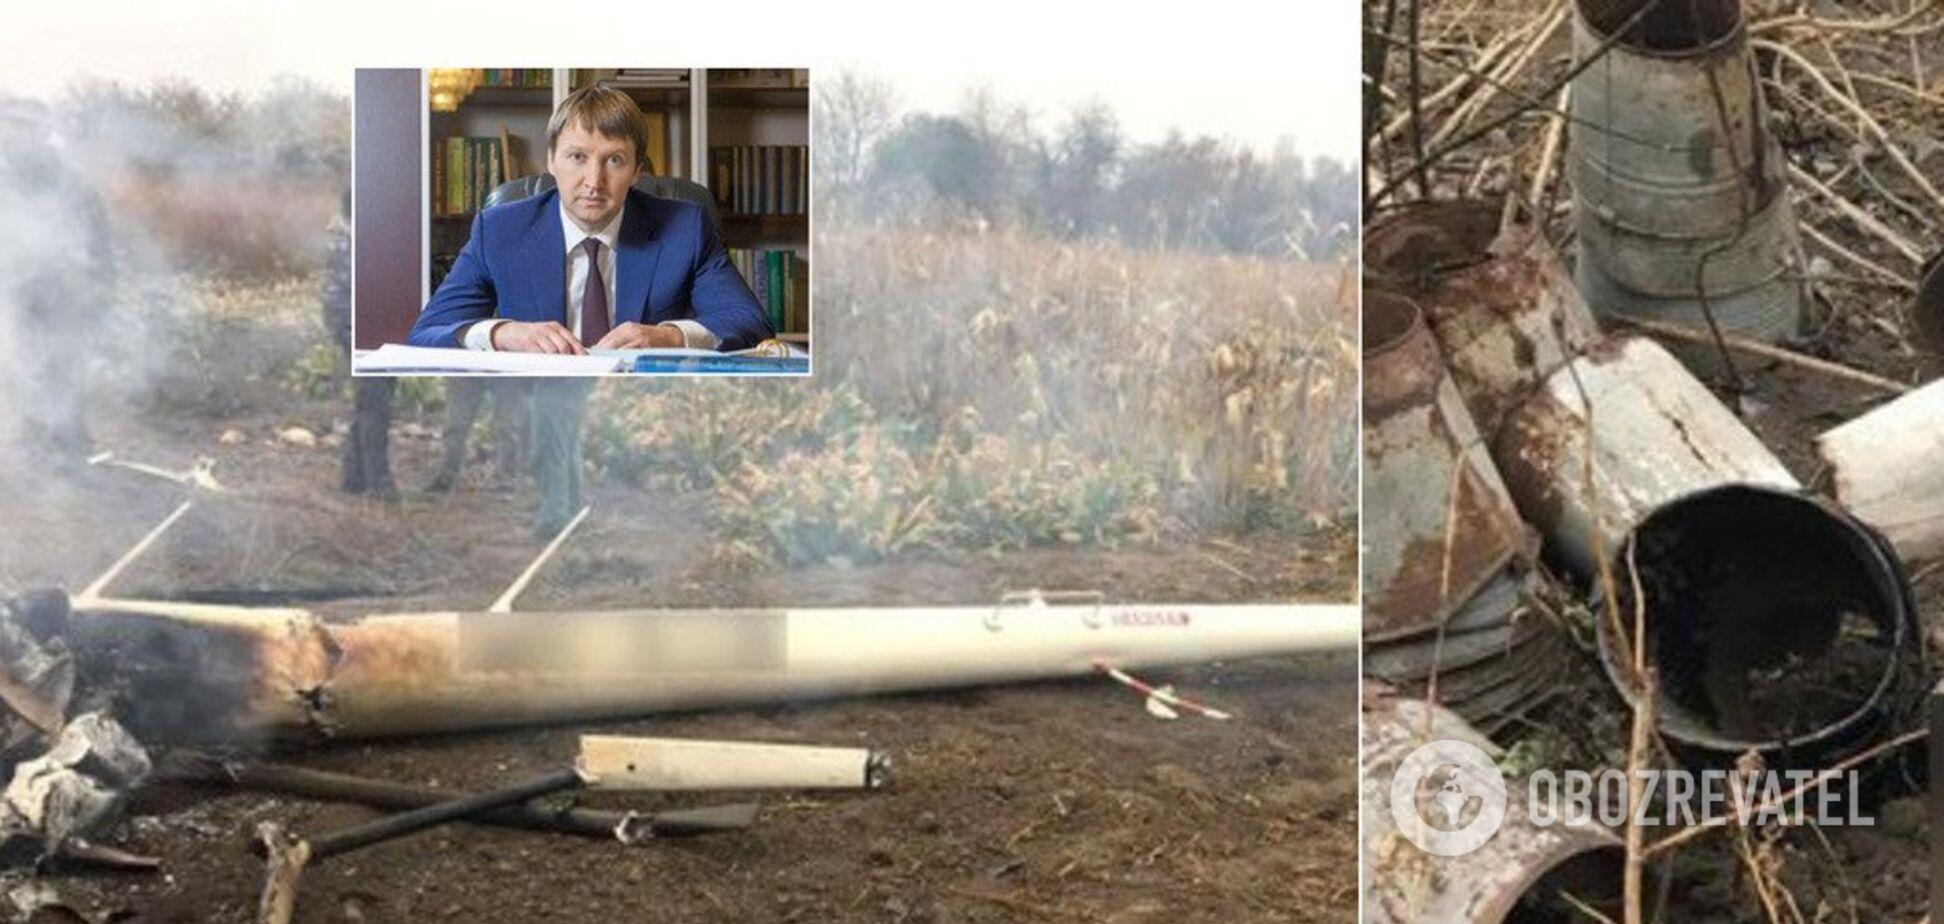 Під Полтавою розбився вертоліт з ексміністром: все про трагедію